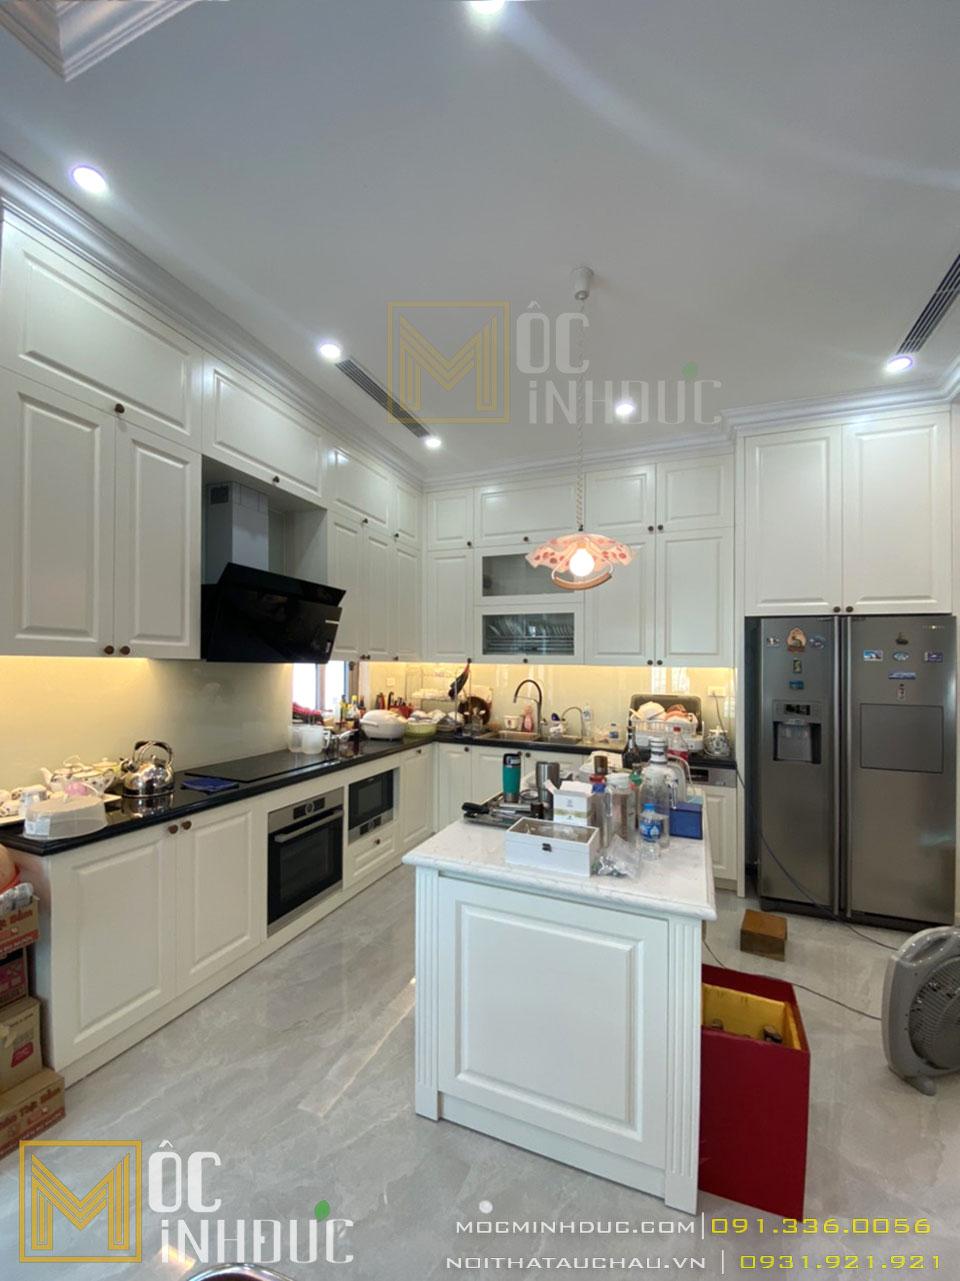 Thi công thiết kế nội thất bếp